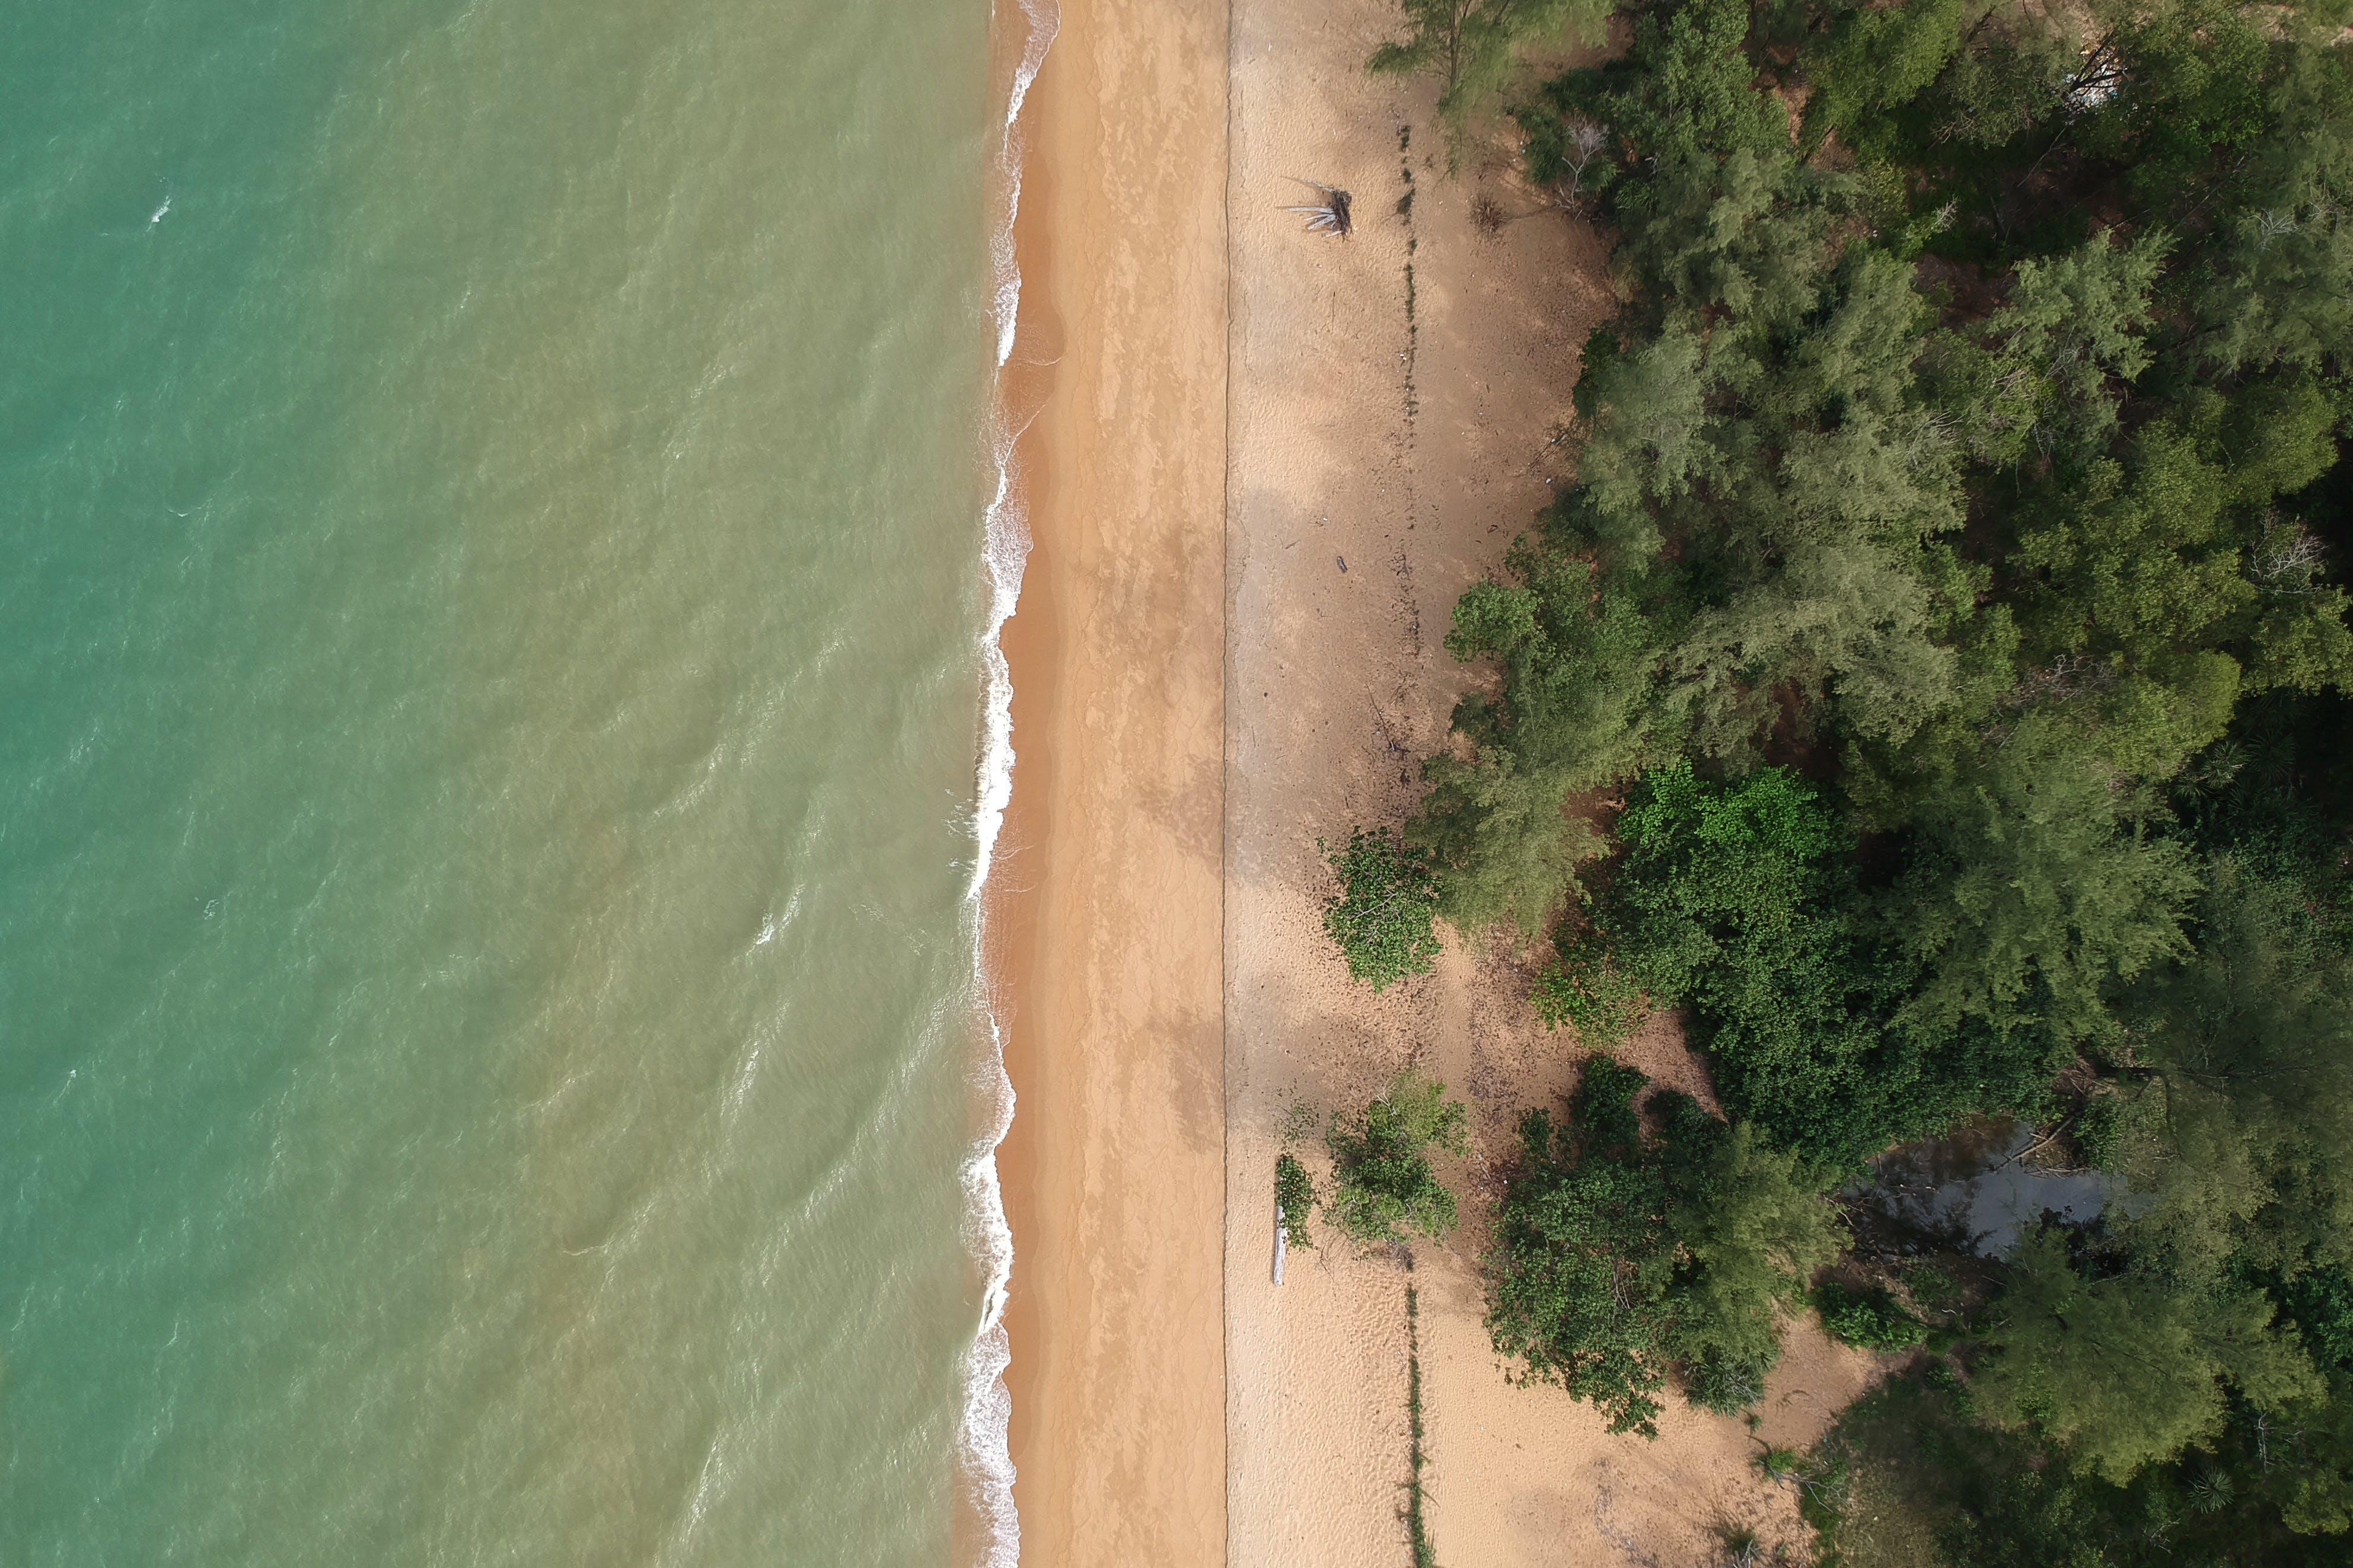 Δωρεάν στοκ φωτογραφιών με άμμος, γνέφω, δέντρα, εναέρια λήψη